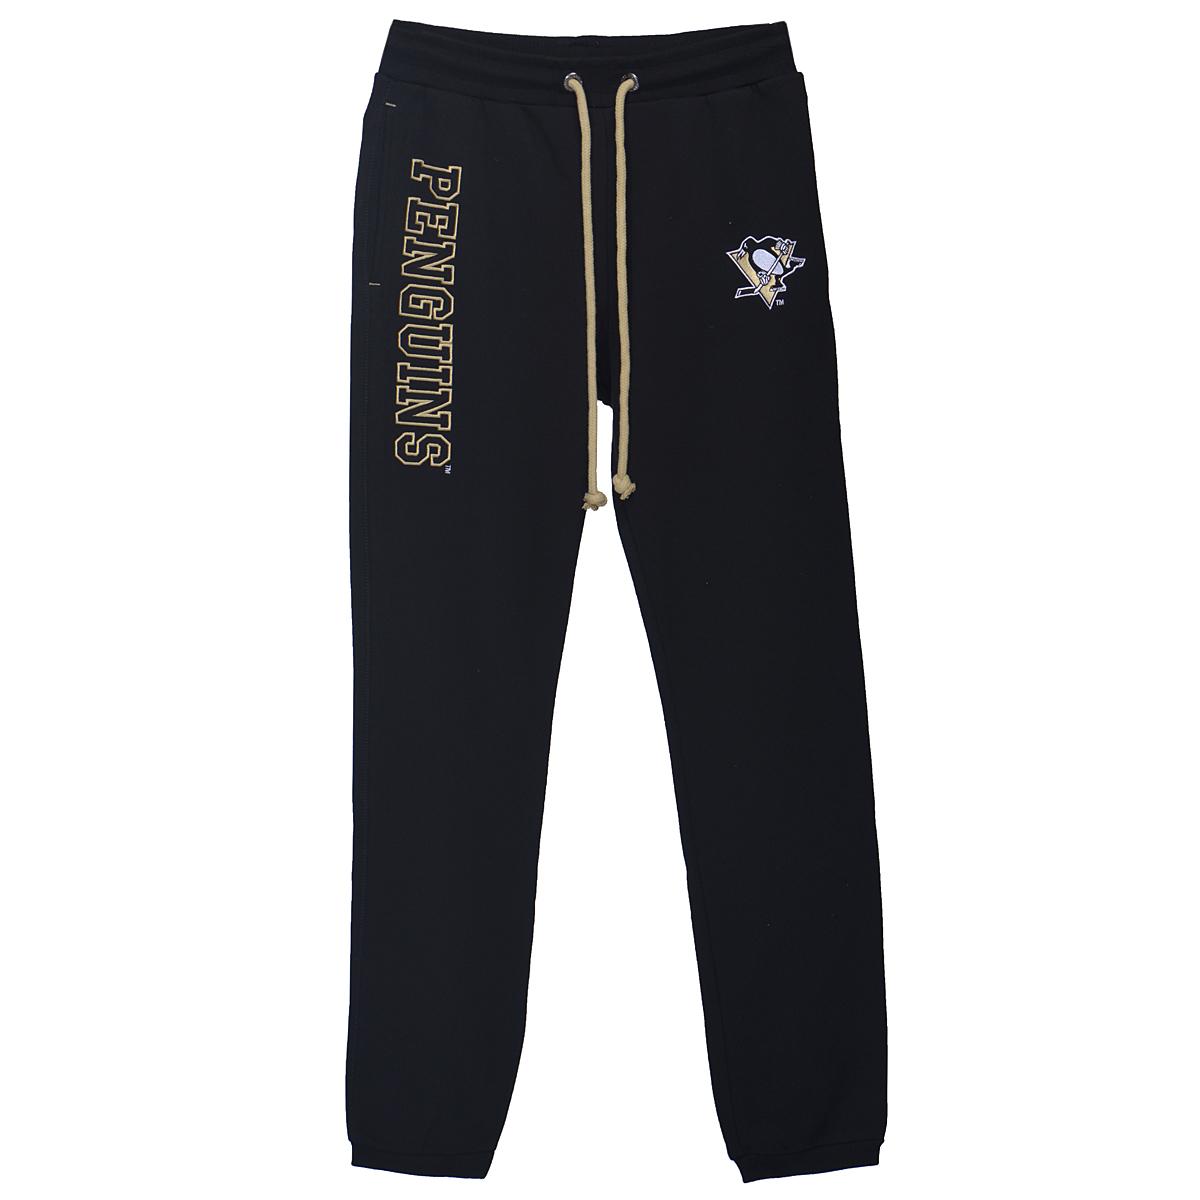 Брюки Pittsburgh Penguins. 4501029190Стильные утепленные мужские спортивные брюки NHL Pittsburgh Penguins, выполненные из высококачественного материала, обладают высокой теплопроводностью, воздухопроницаемостью и гигроскопичностью, позволяют коже дышать, очень комфортны при носке. Модель прямого кроя дополнена эластичным поясом со шнурком для оптимального прилегания к телу. Брючины снизу дополнены трикотажными манжетами. По бокам имеются два втачных кармана и один карман сзади. Модель оформлена вышитой эмблемой хоккейного клуба Pittsburgh Penguins. Такая модель будет дарить вам комфорт и послужит замечательным дополнением к вашему гардеробу.